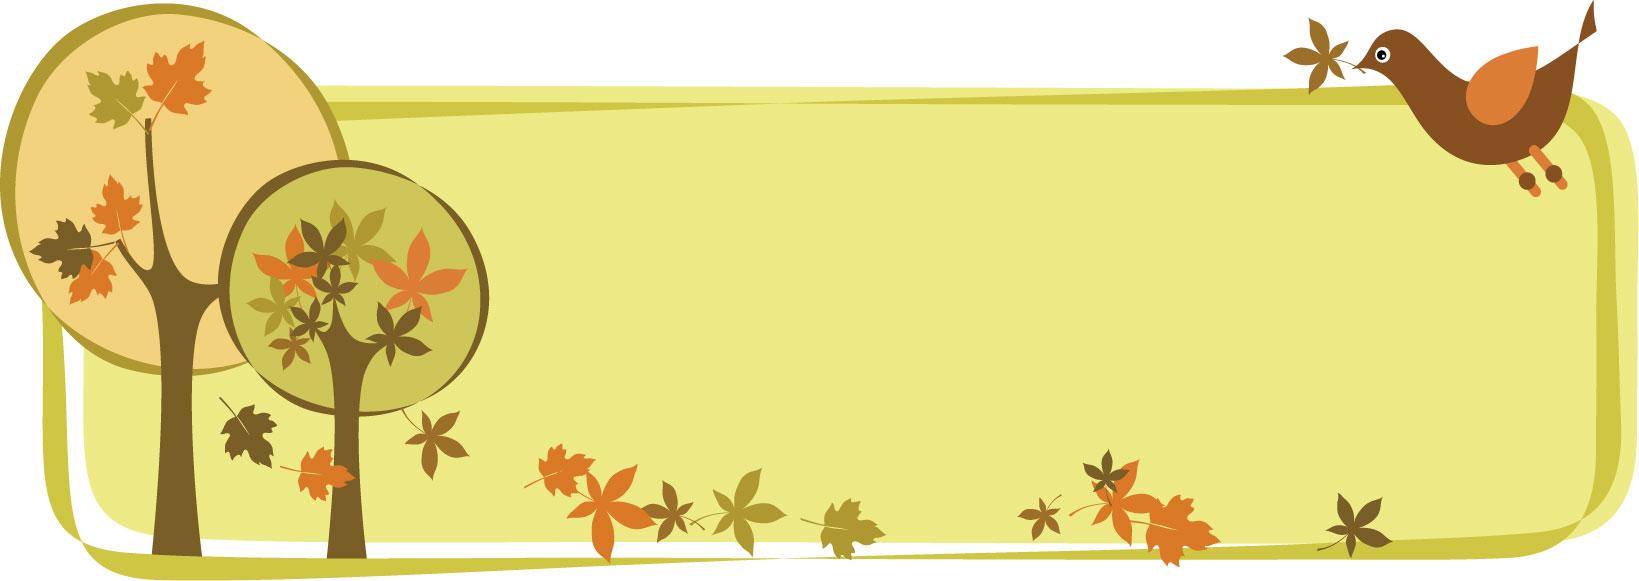 葉っぱ・草木のイラスト・フリー素材/フレーム枠no.013『秋の樹木